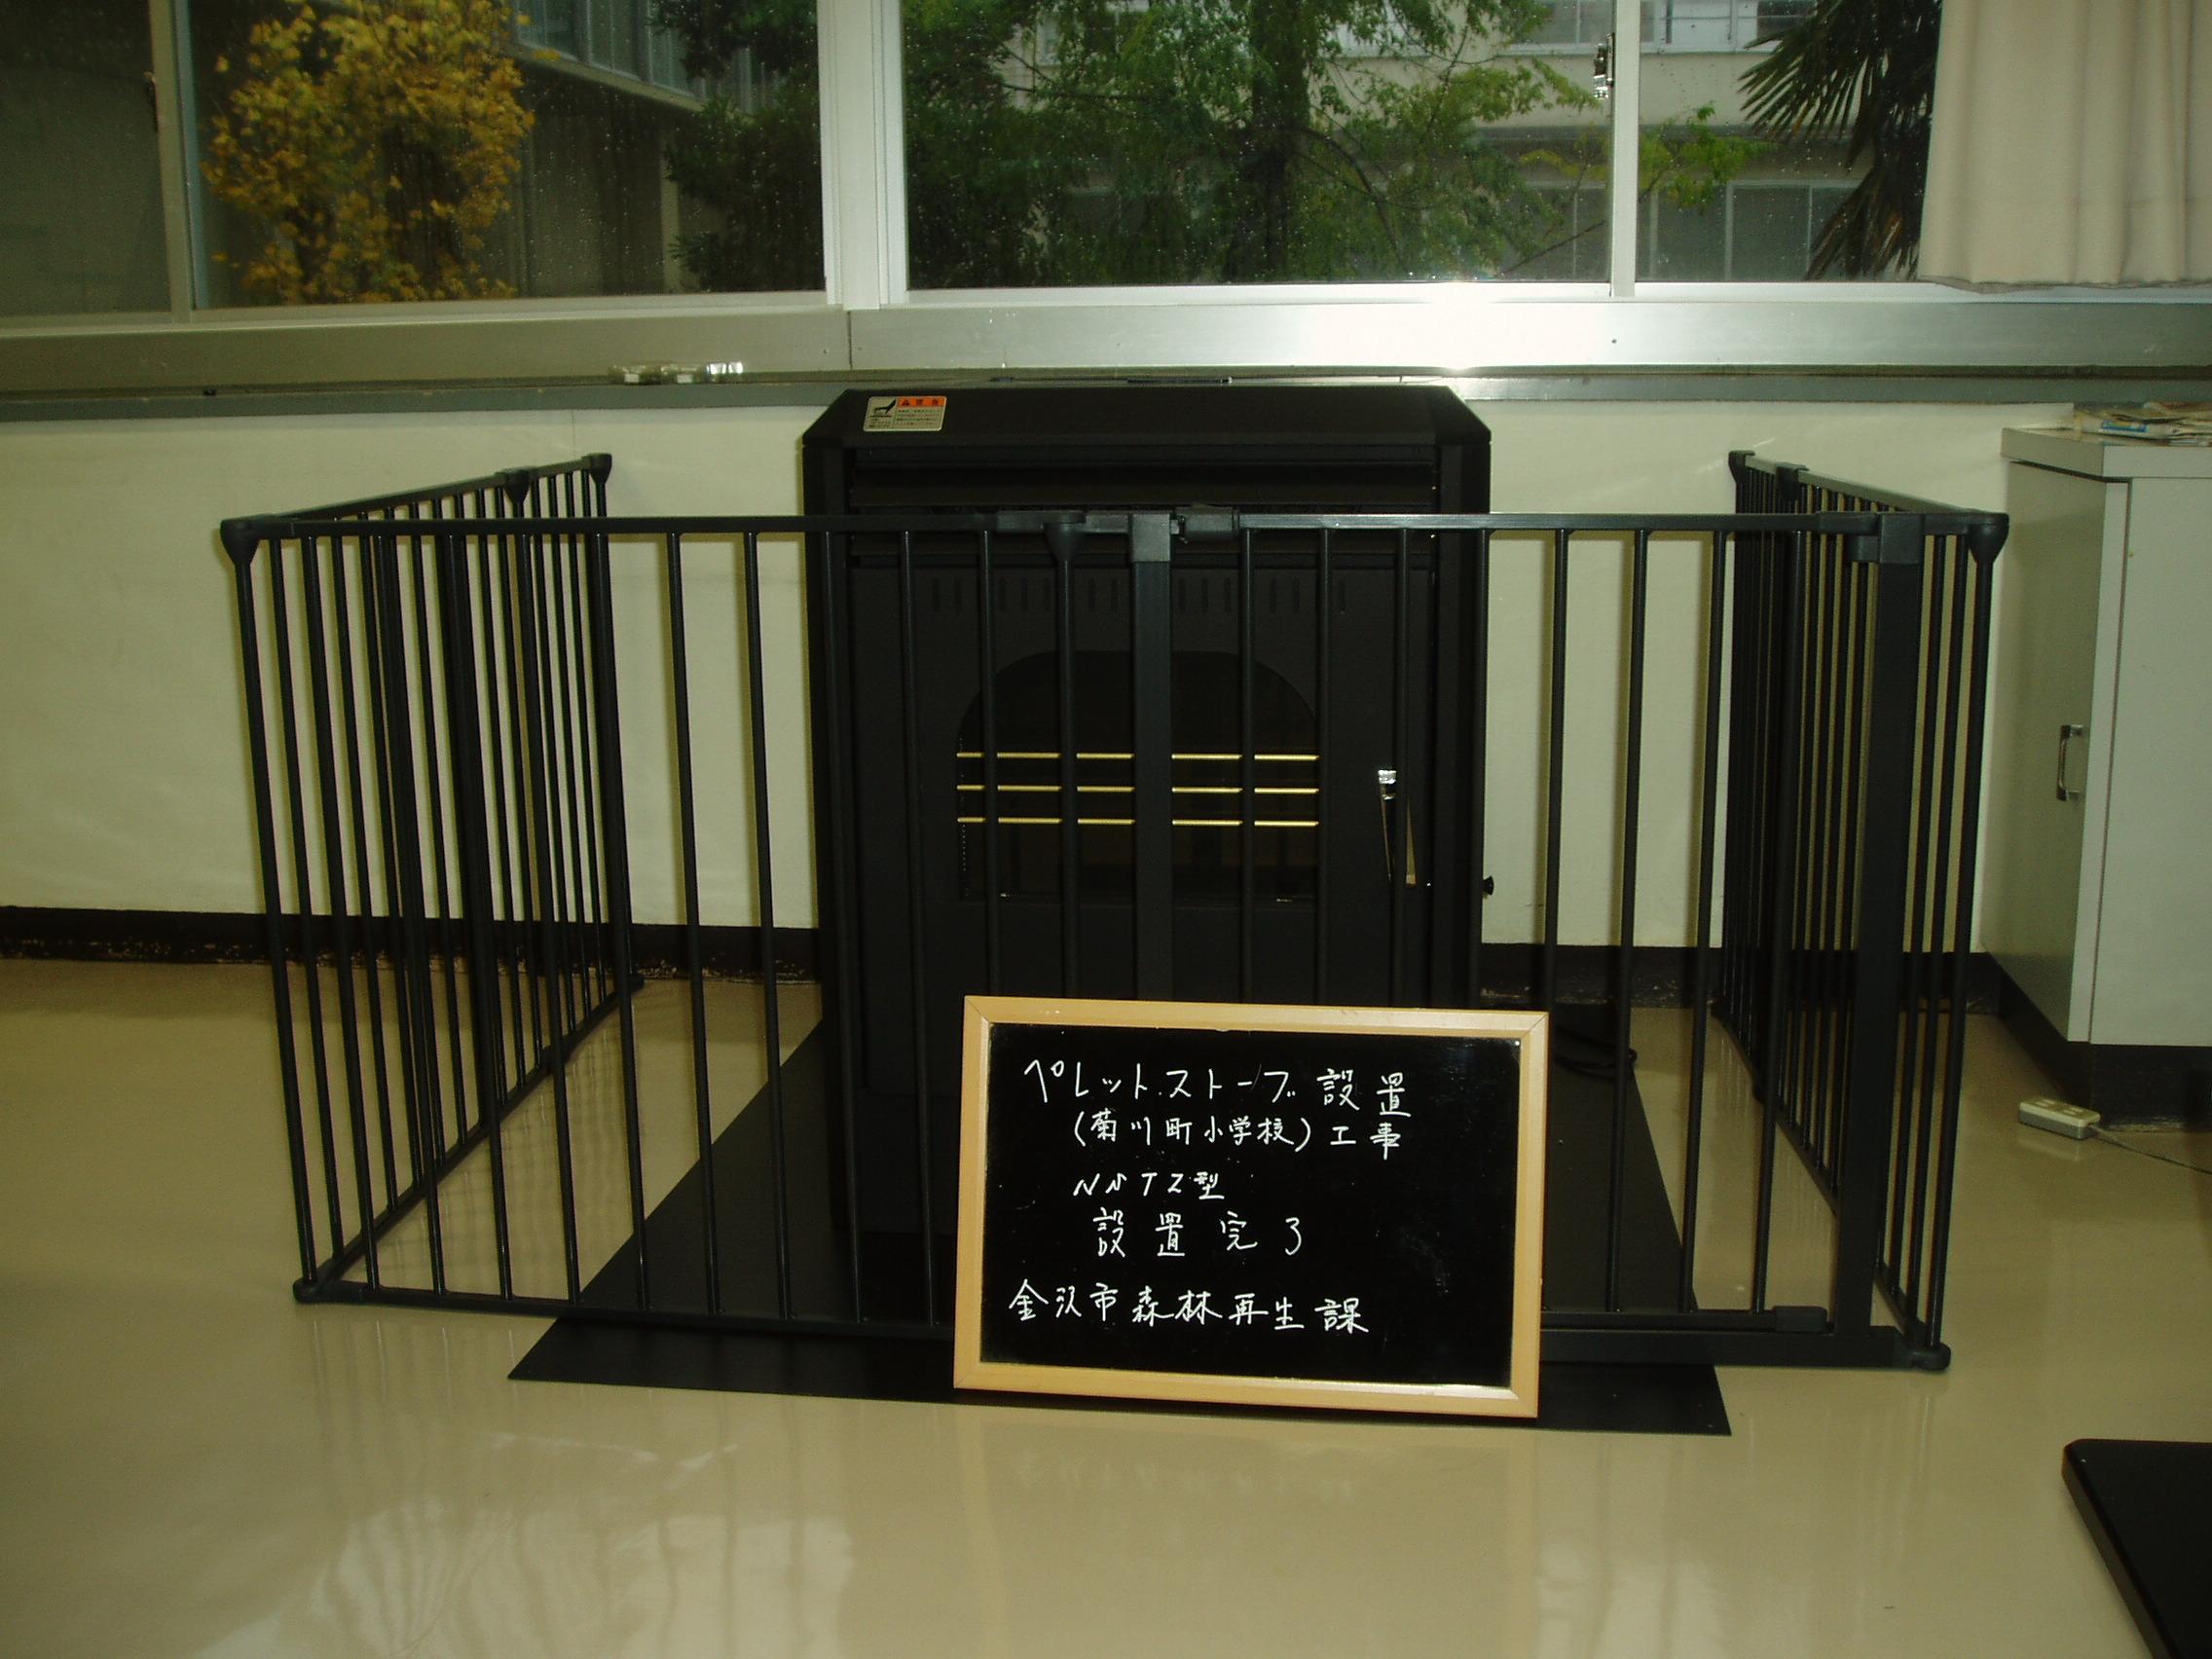 菊川小学校様 校長室にペレットストーブを設置しました2